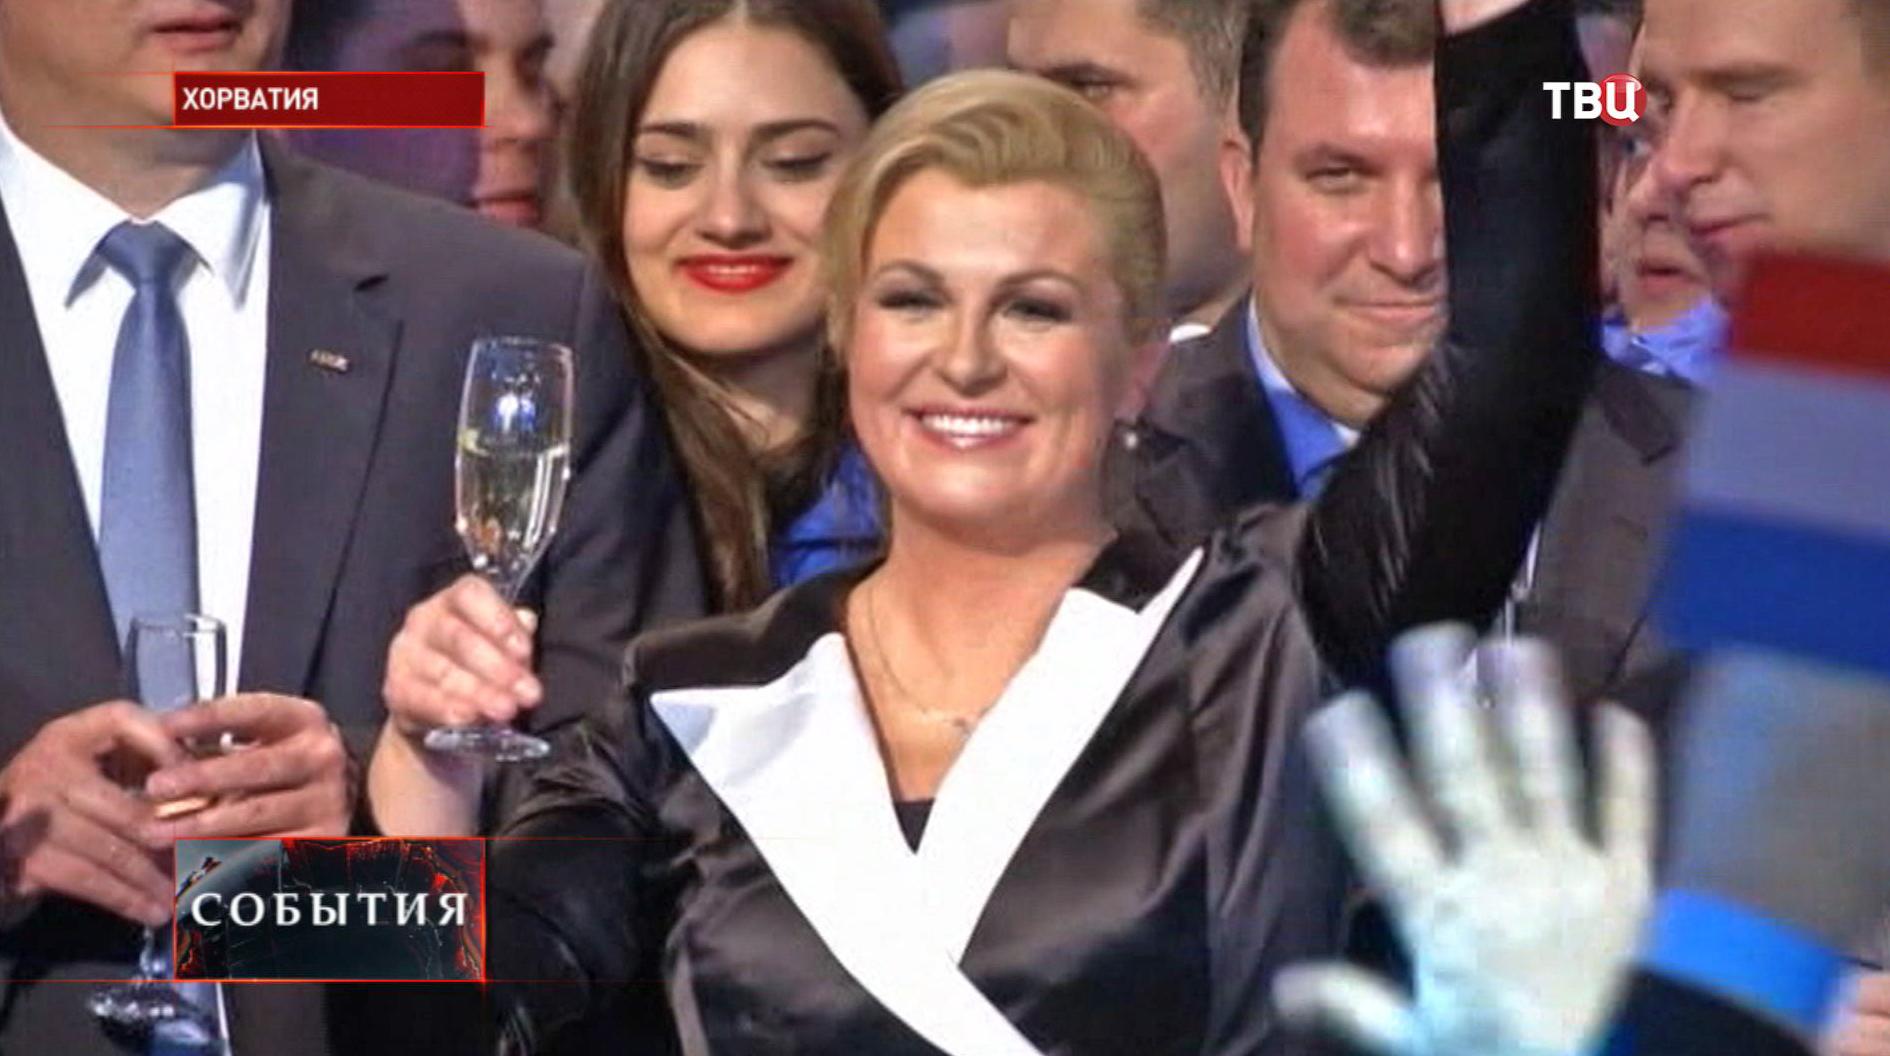 Кандидат от оппозиции Колинда Грабар-Китарович